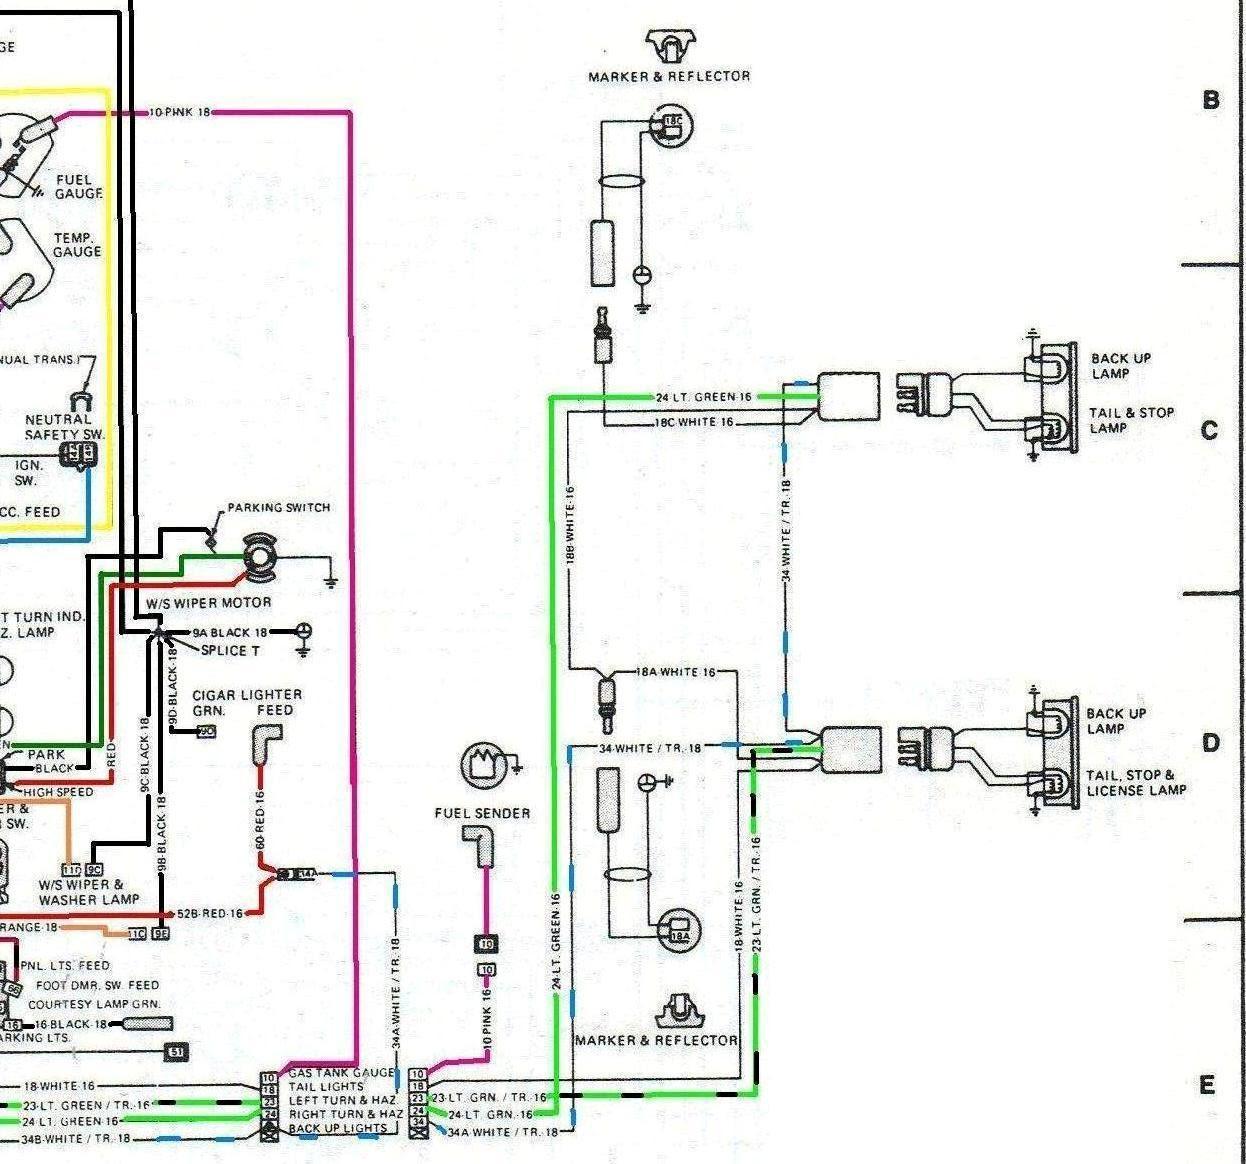 Cj7 Tail Light Wiring Diagram - Wiring Diagram | 74 Jeep J10 Wiring Diagram Tail Light |  | Wiring Diagram